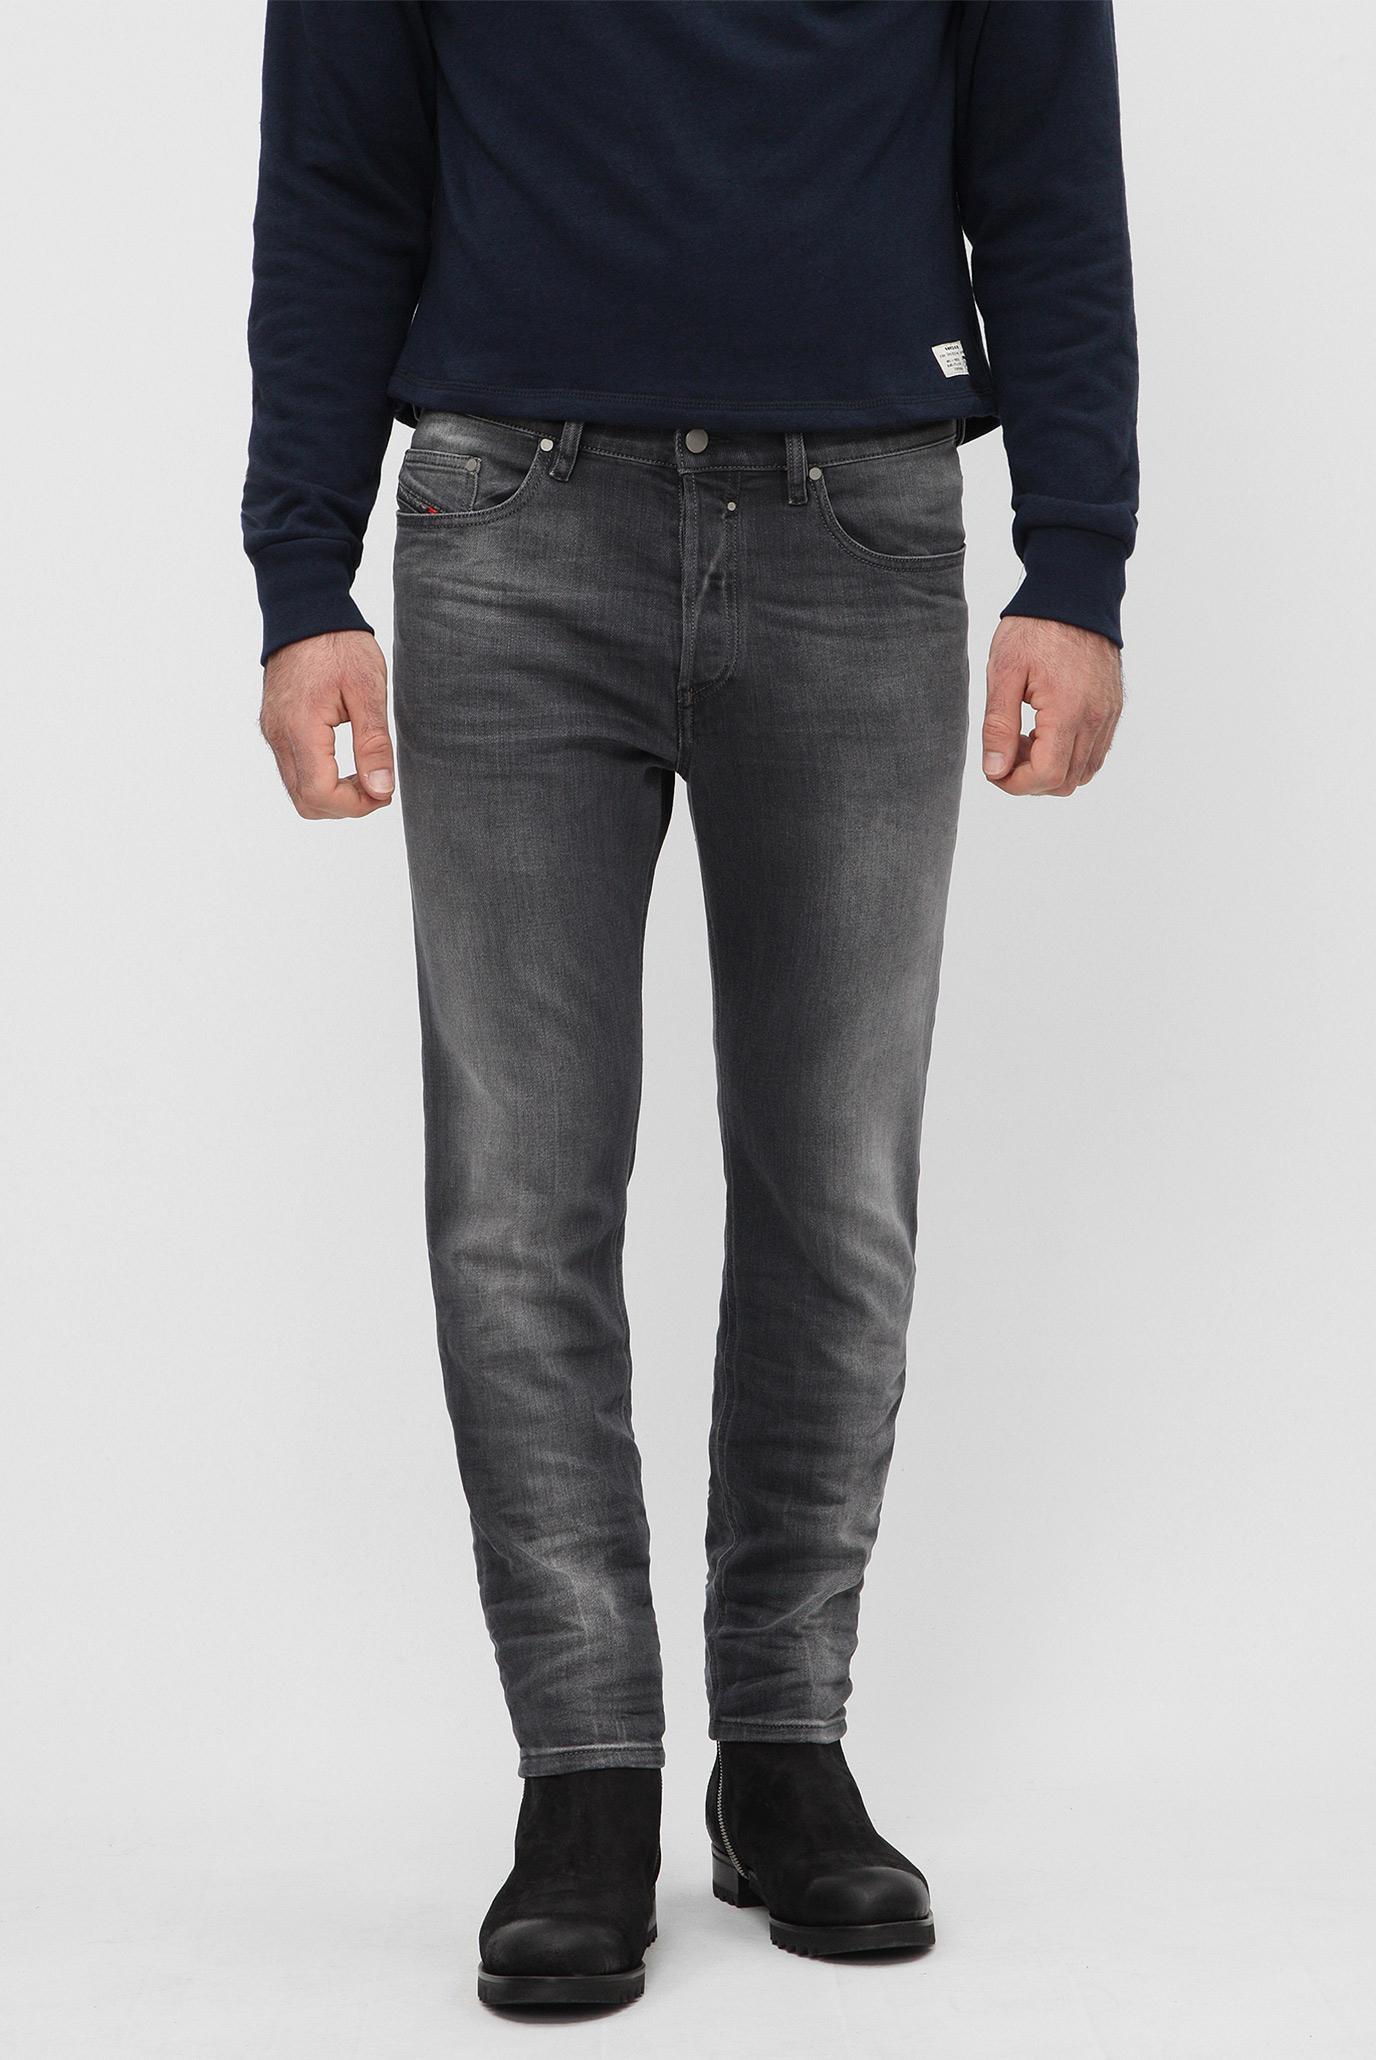 Купить Мужские темно-серые джинсы JIFER  Diesel Diesel 00SS6R 084JK – Киев, Украина. Цены в интернет магазине MD Fashion